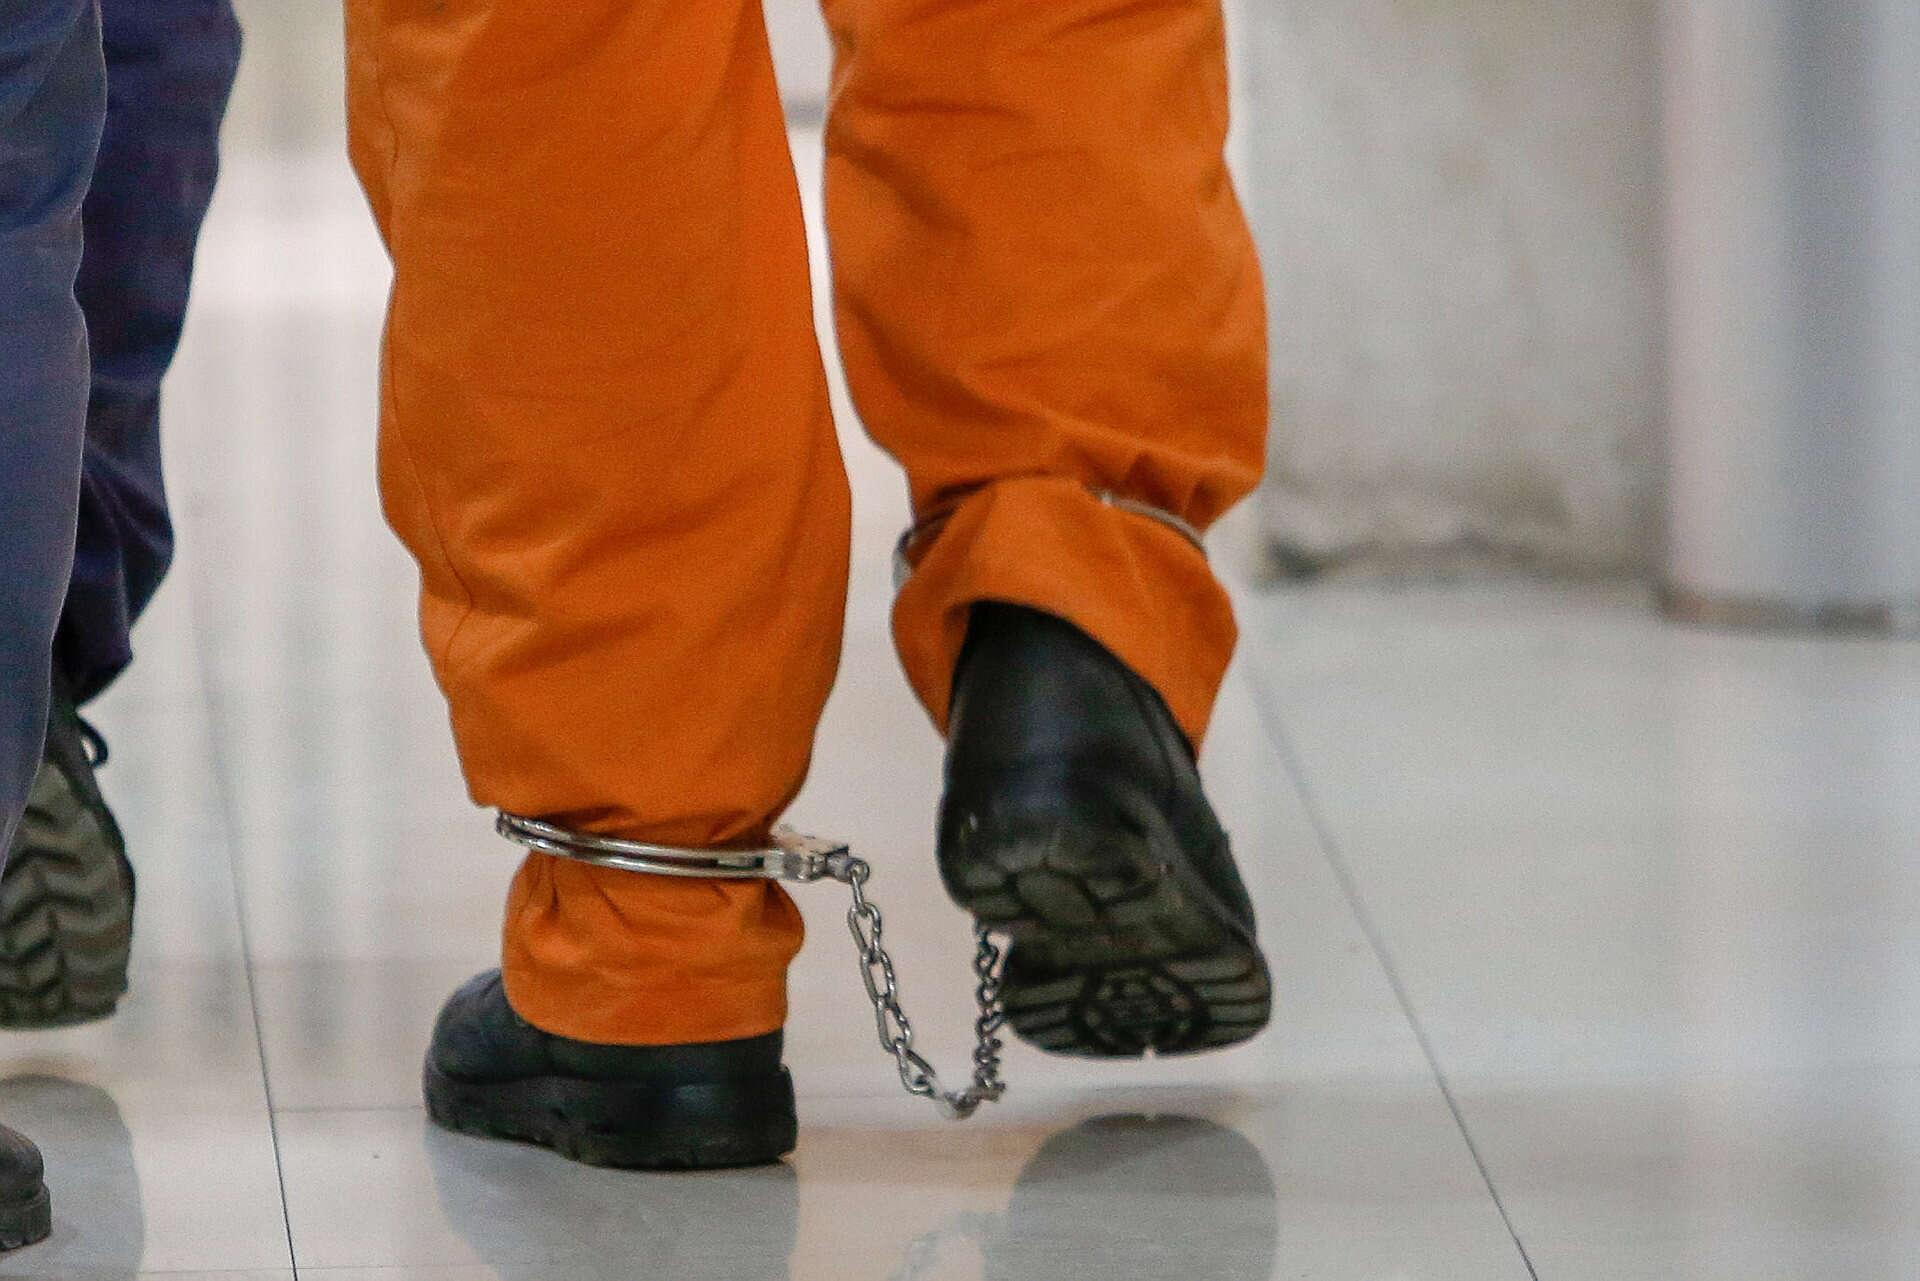 רוב מוחלט של המורשעים בפלילים הם גברים